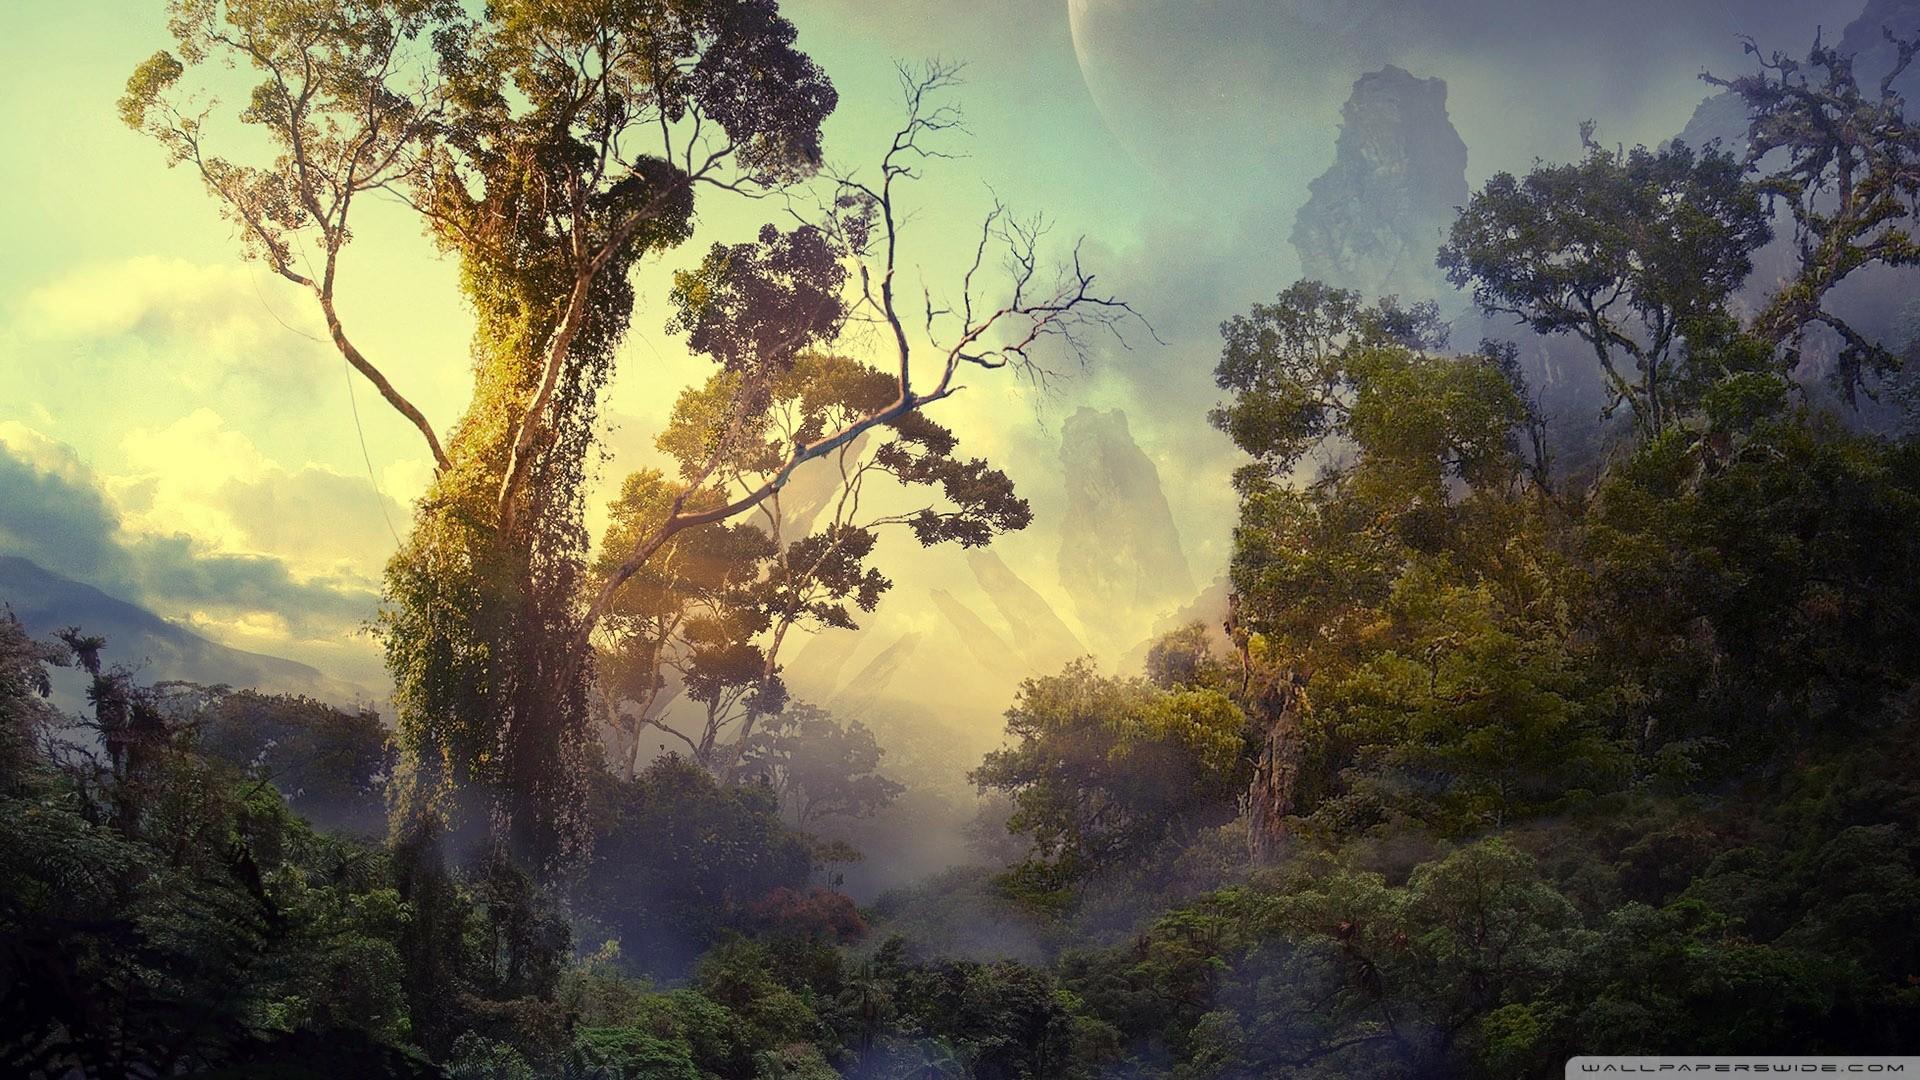 Download Jungle Fantasy Wallpaper 1920x1080 Wallpoper 424621 1920x1080